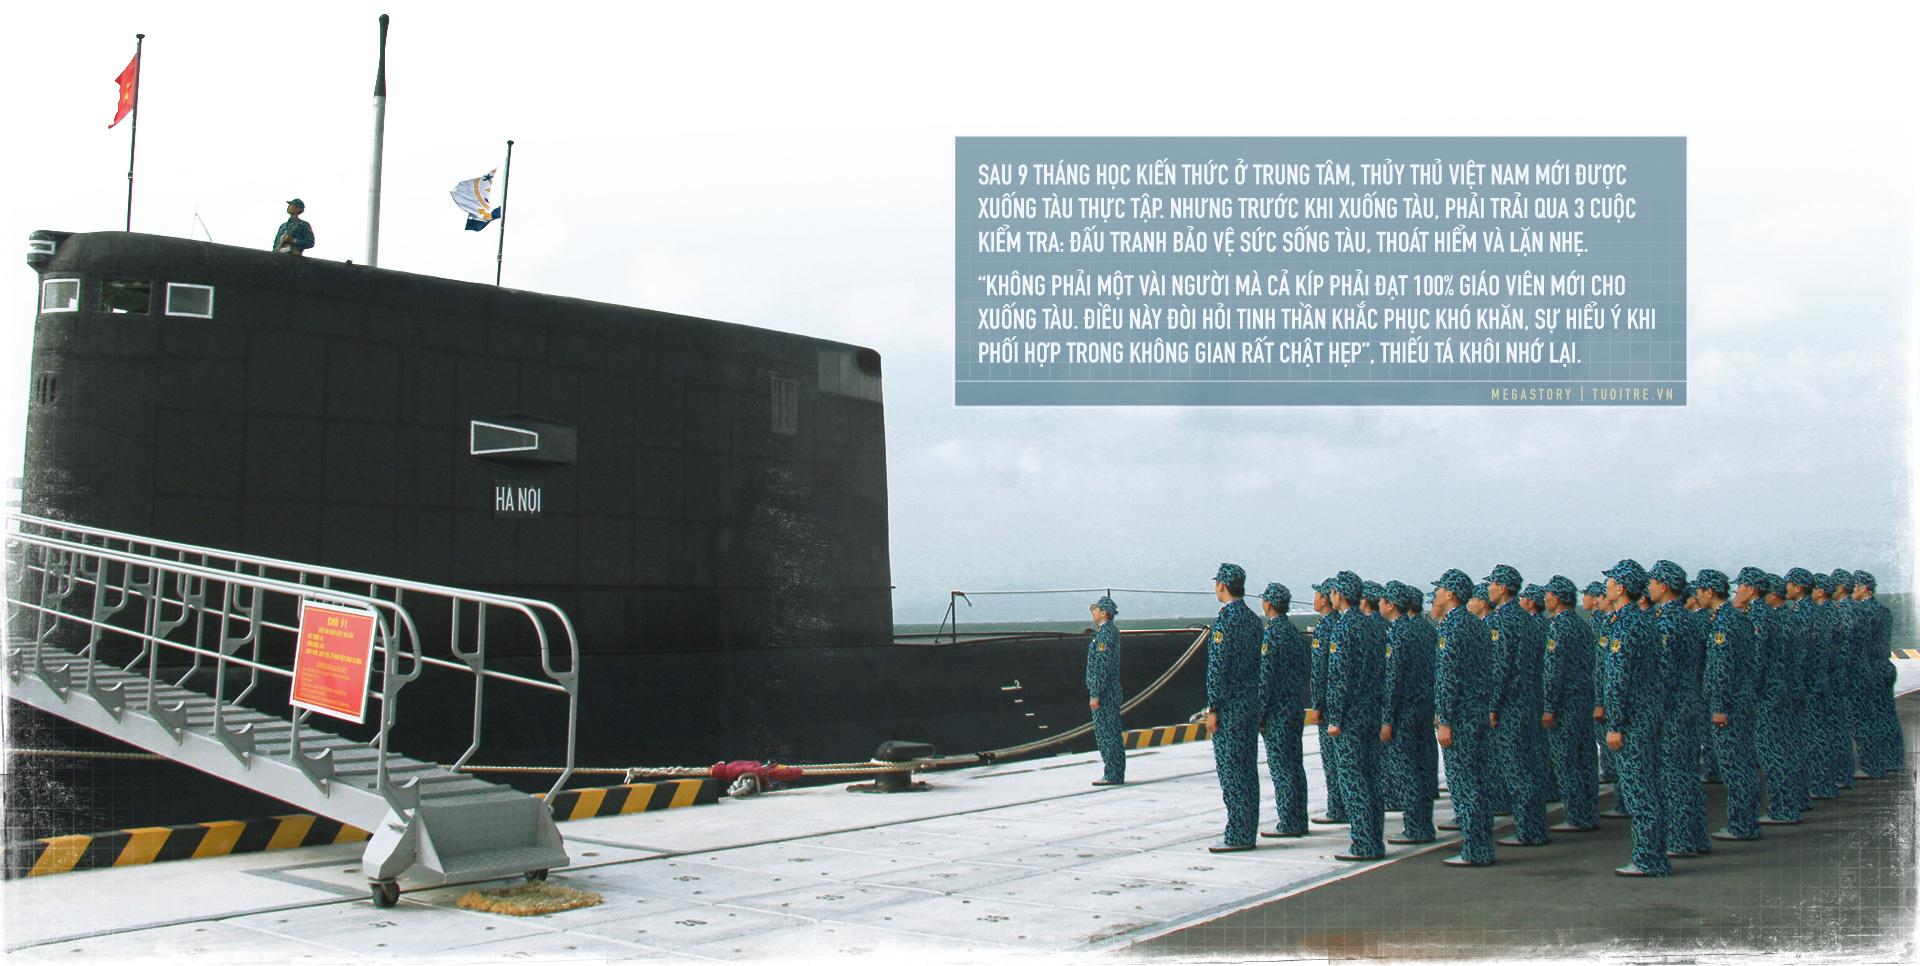 Kíp tàu ngầm đầu tiên của Việt Nam - những câu chuyện bây giờ mới kể - Ảnh 4.